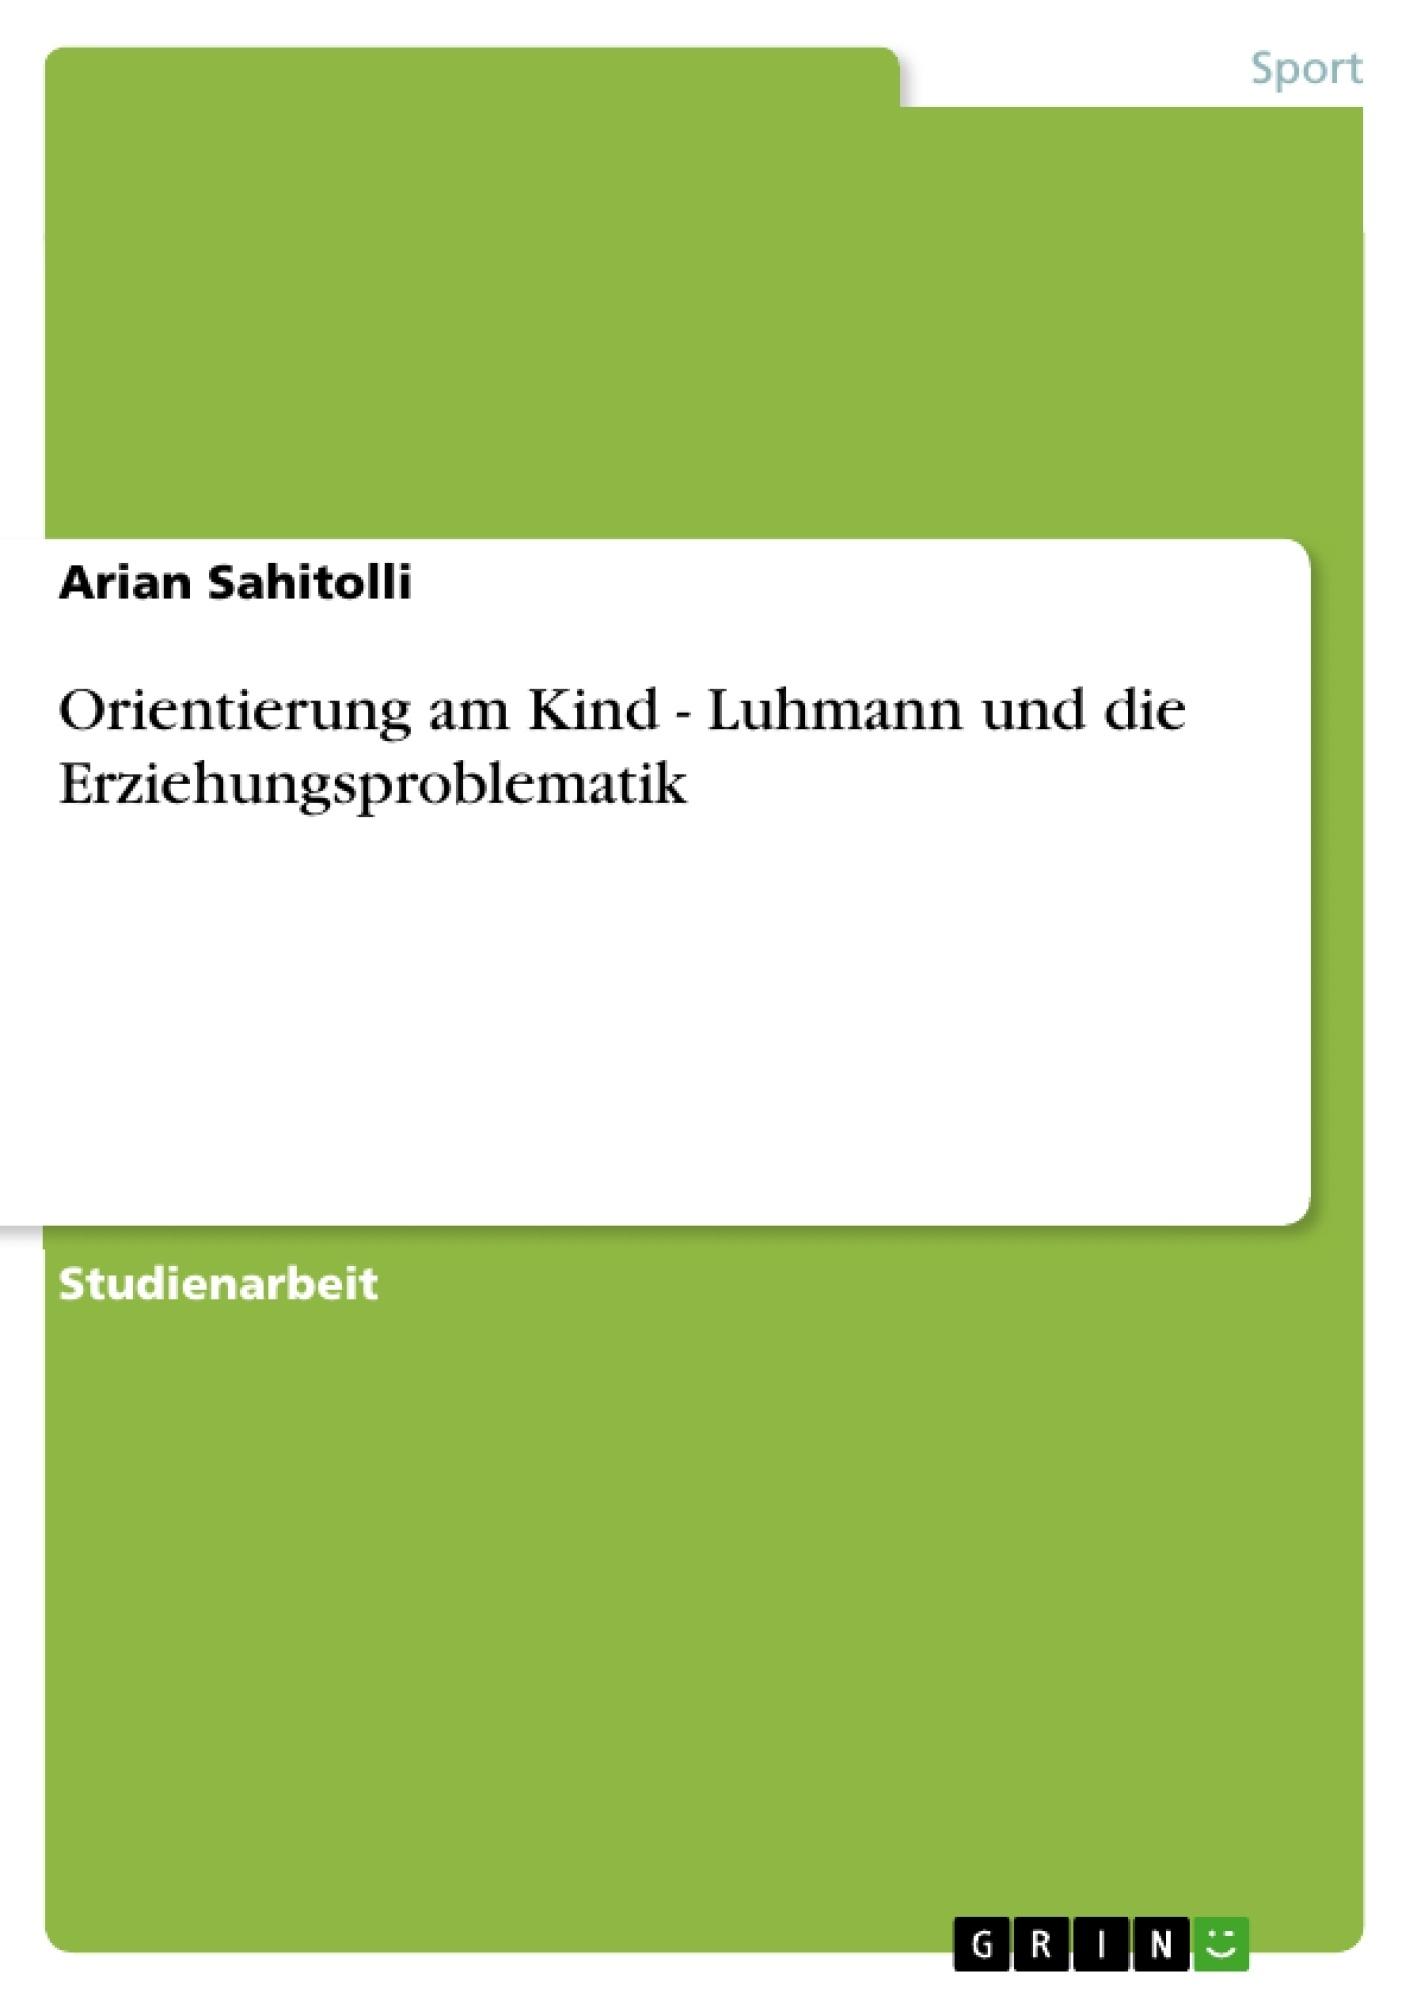 Titel: Orientierung am Kind - Luhmann und die Erziehungsproblematik